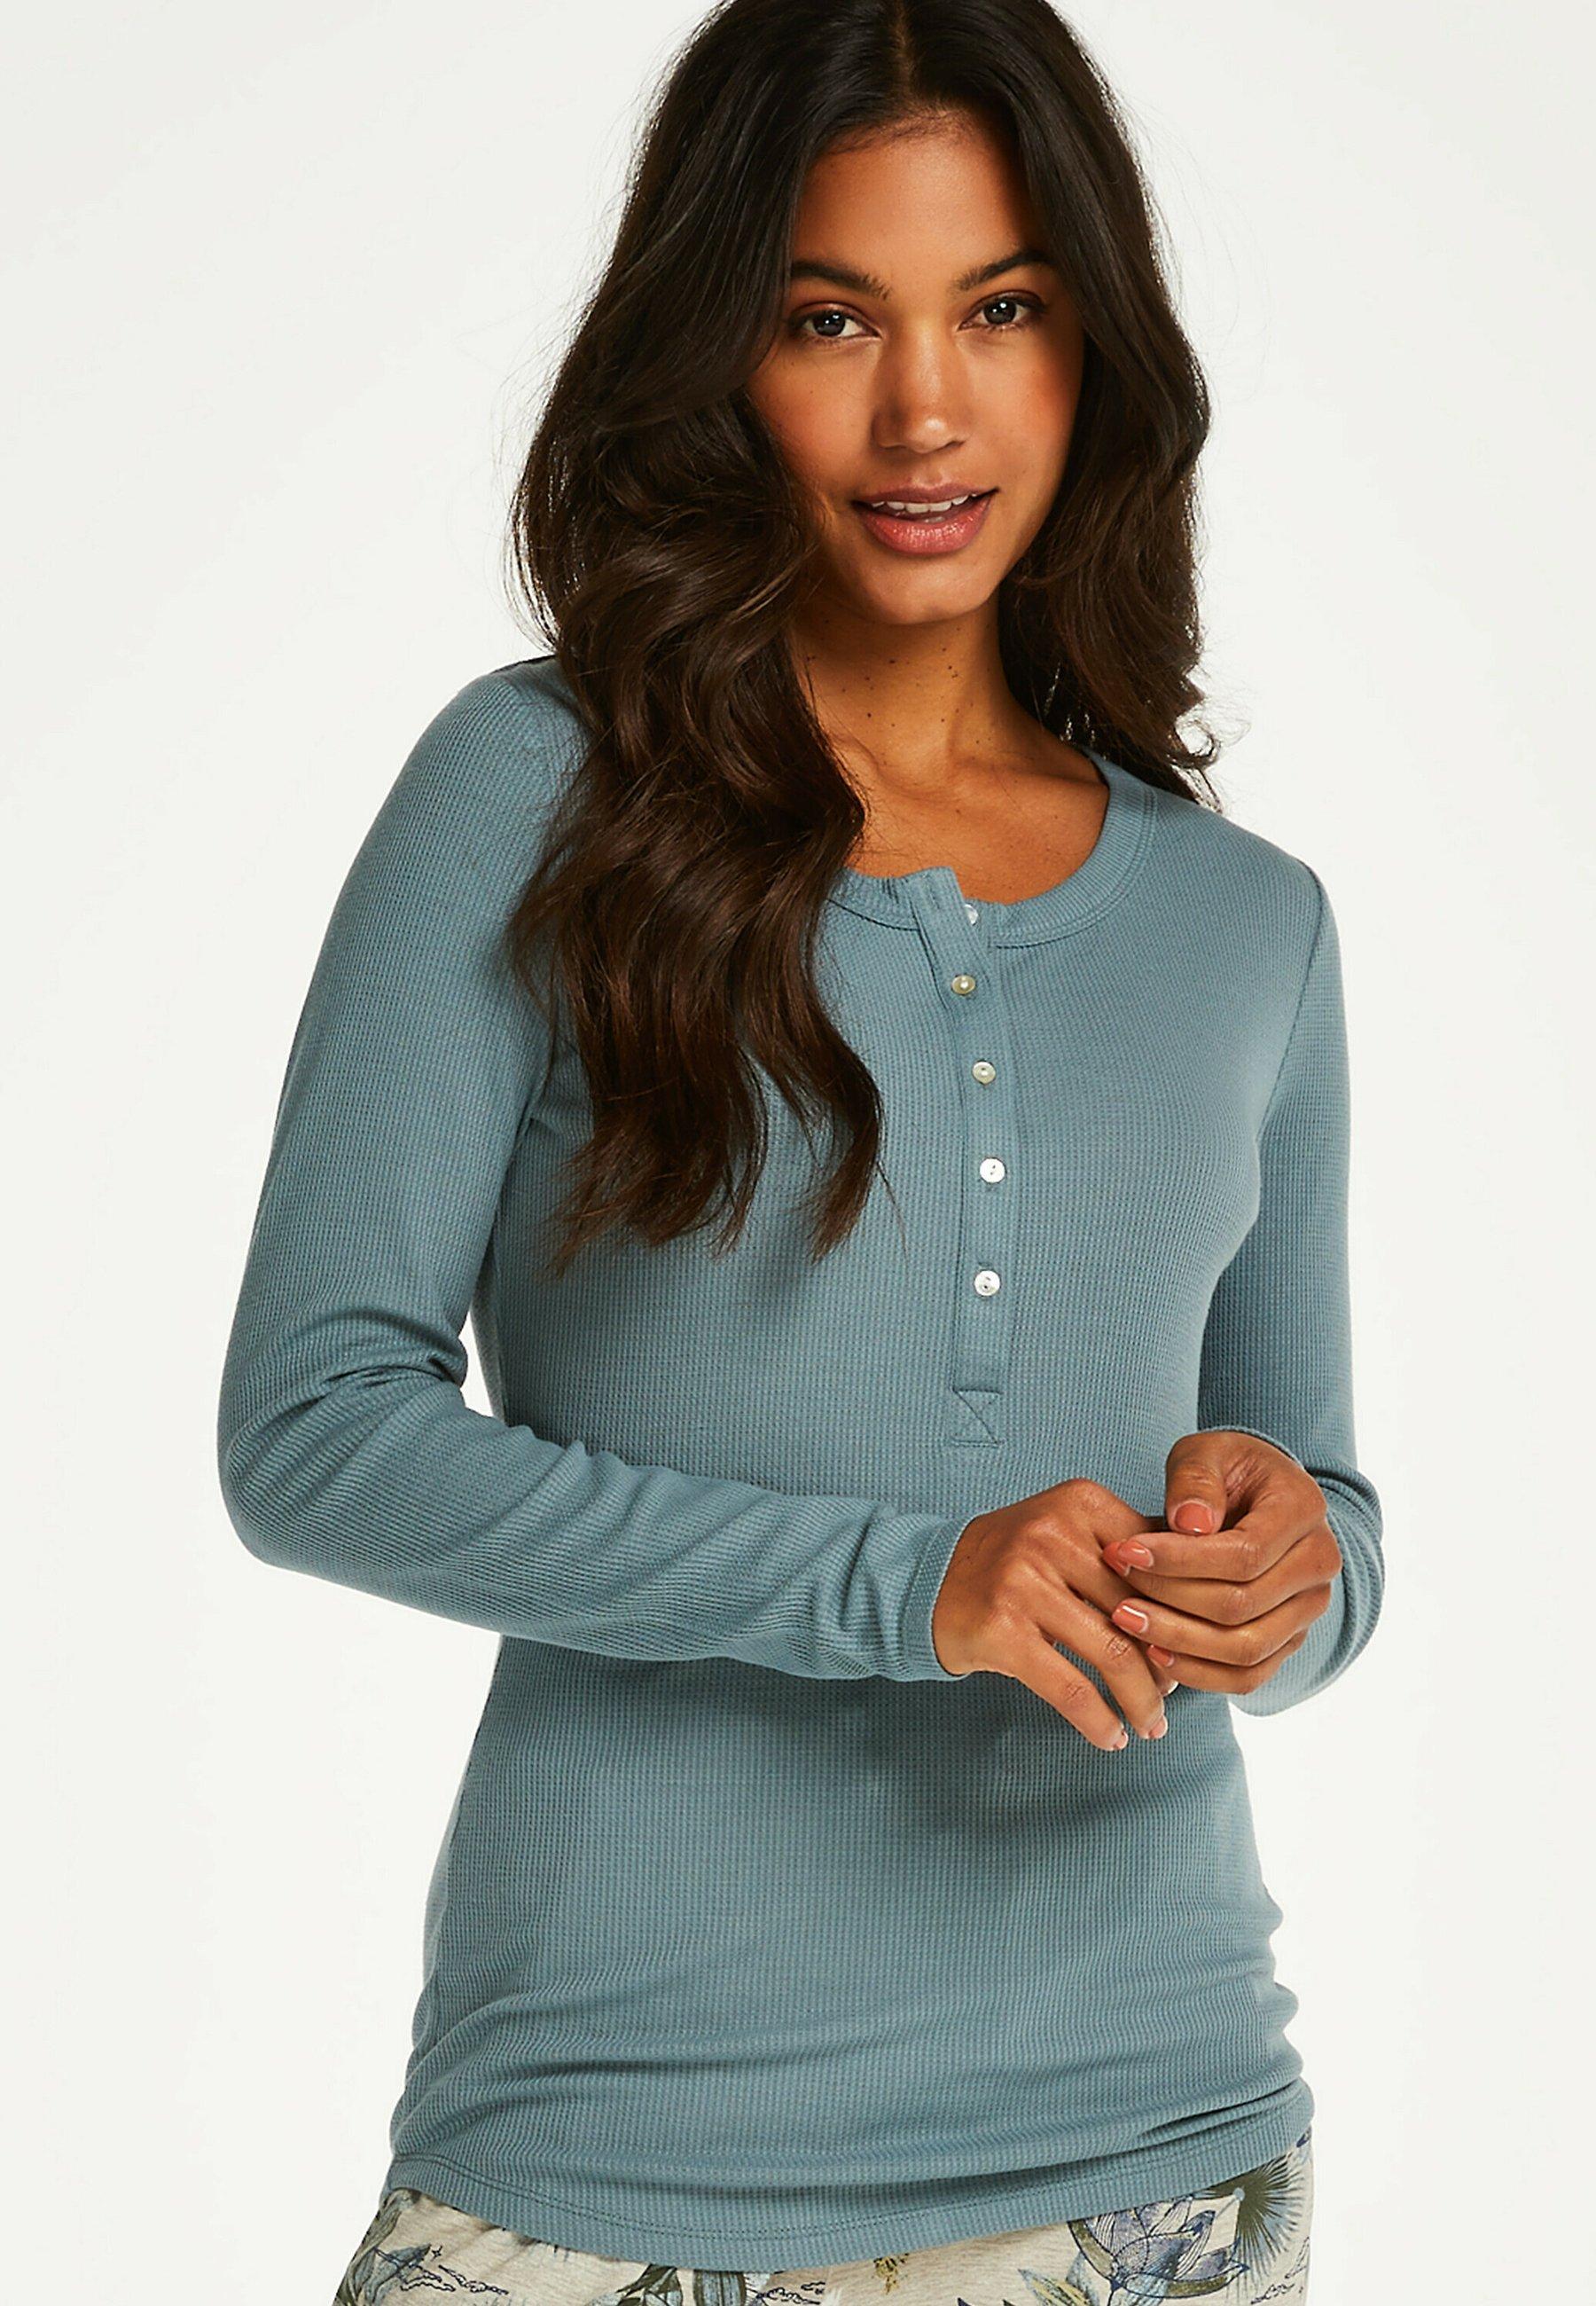 Damen LANGARM - Nachtwäsche Shirt